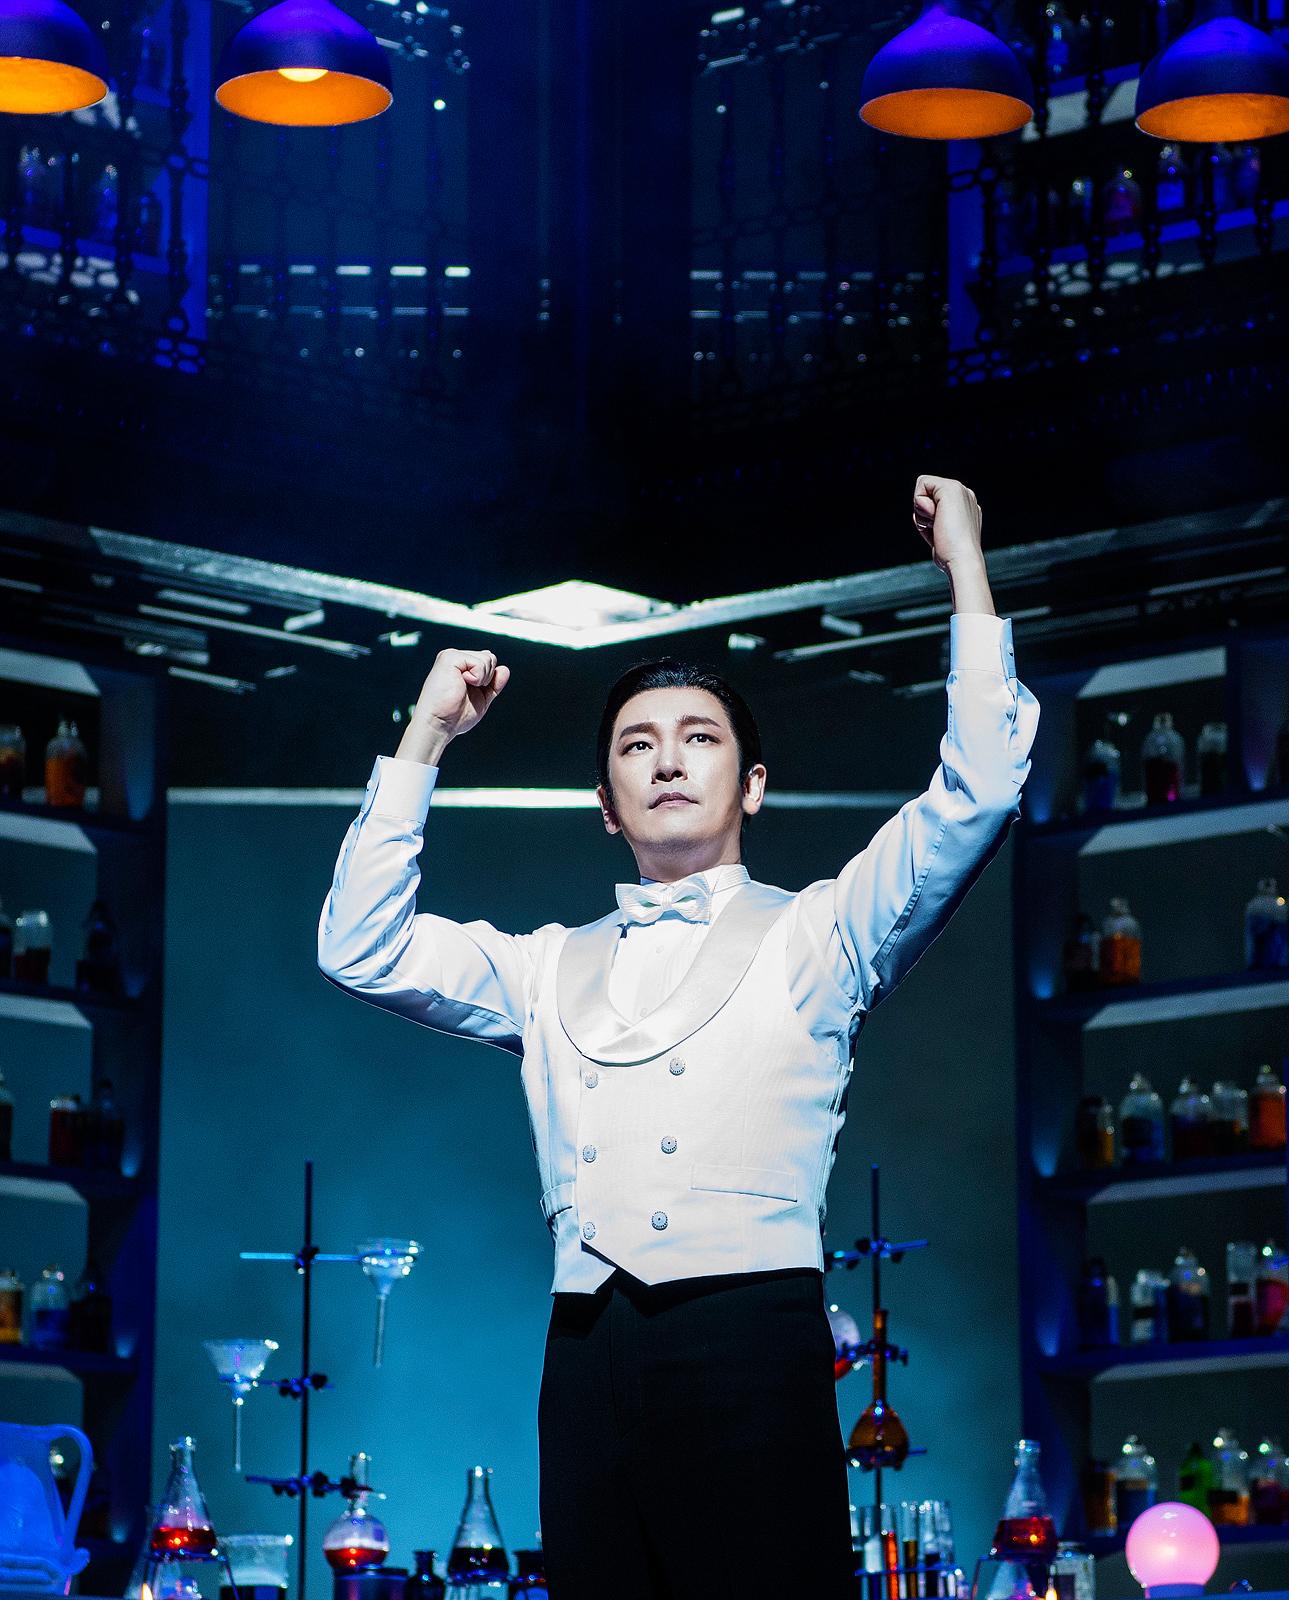 [리뷰] '지킬앤하이드' 조승우, 기대 그 이상을 충족시킨 '조지킬'